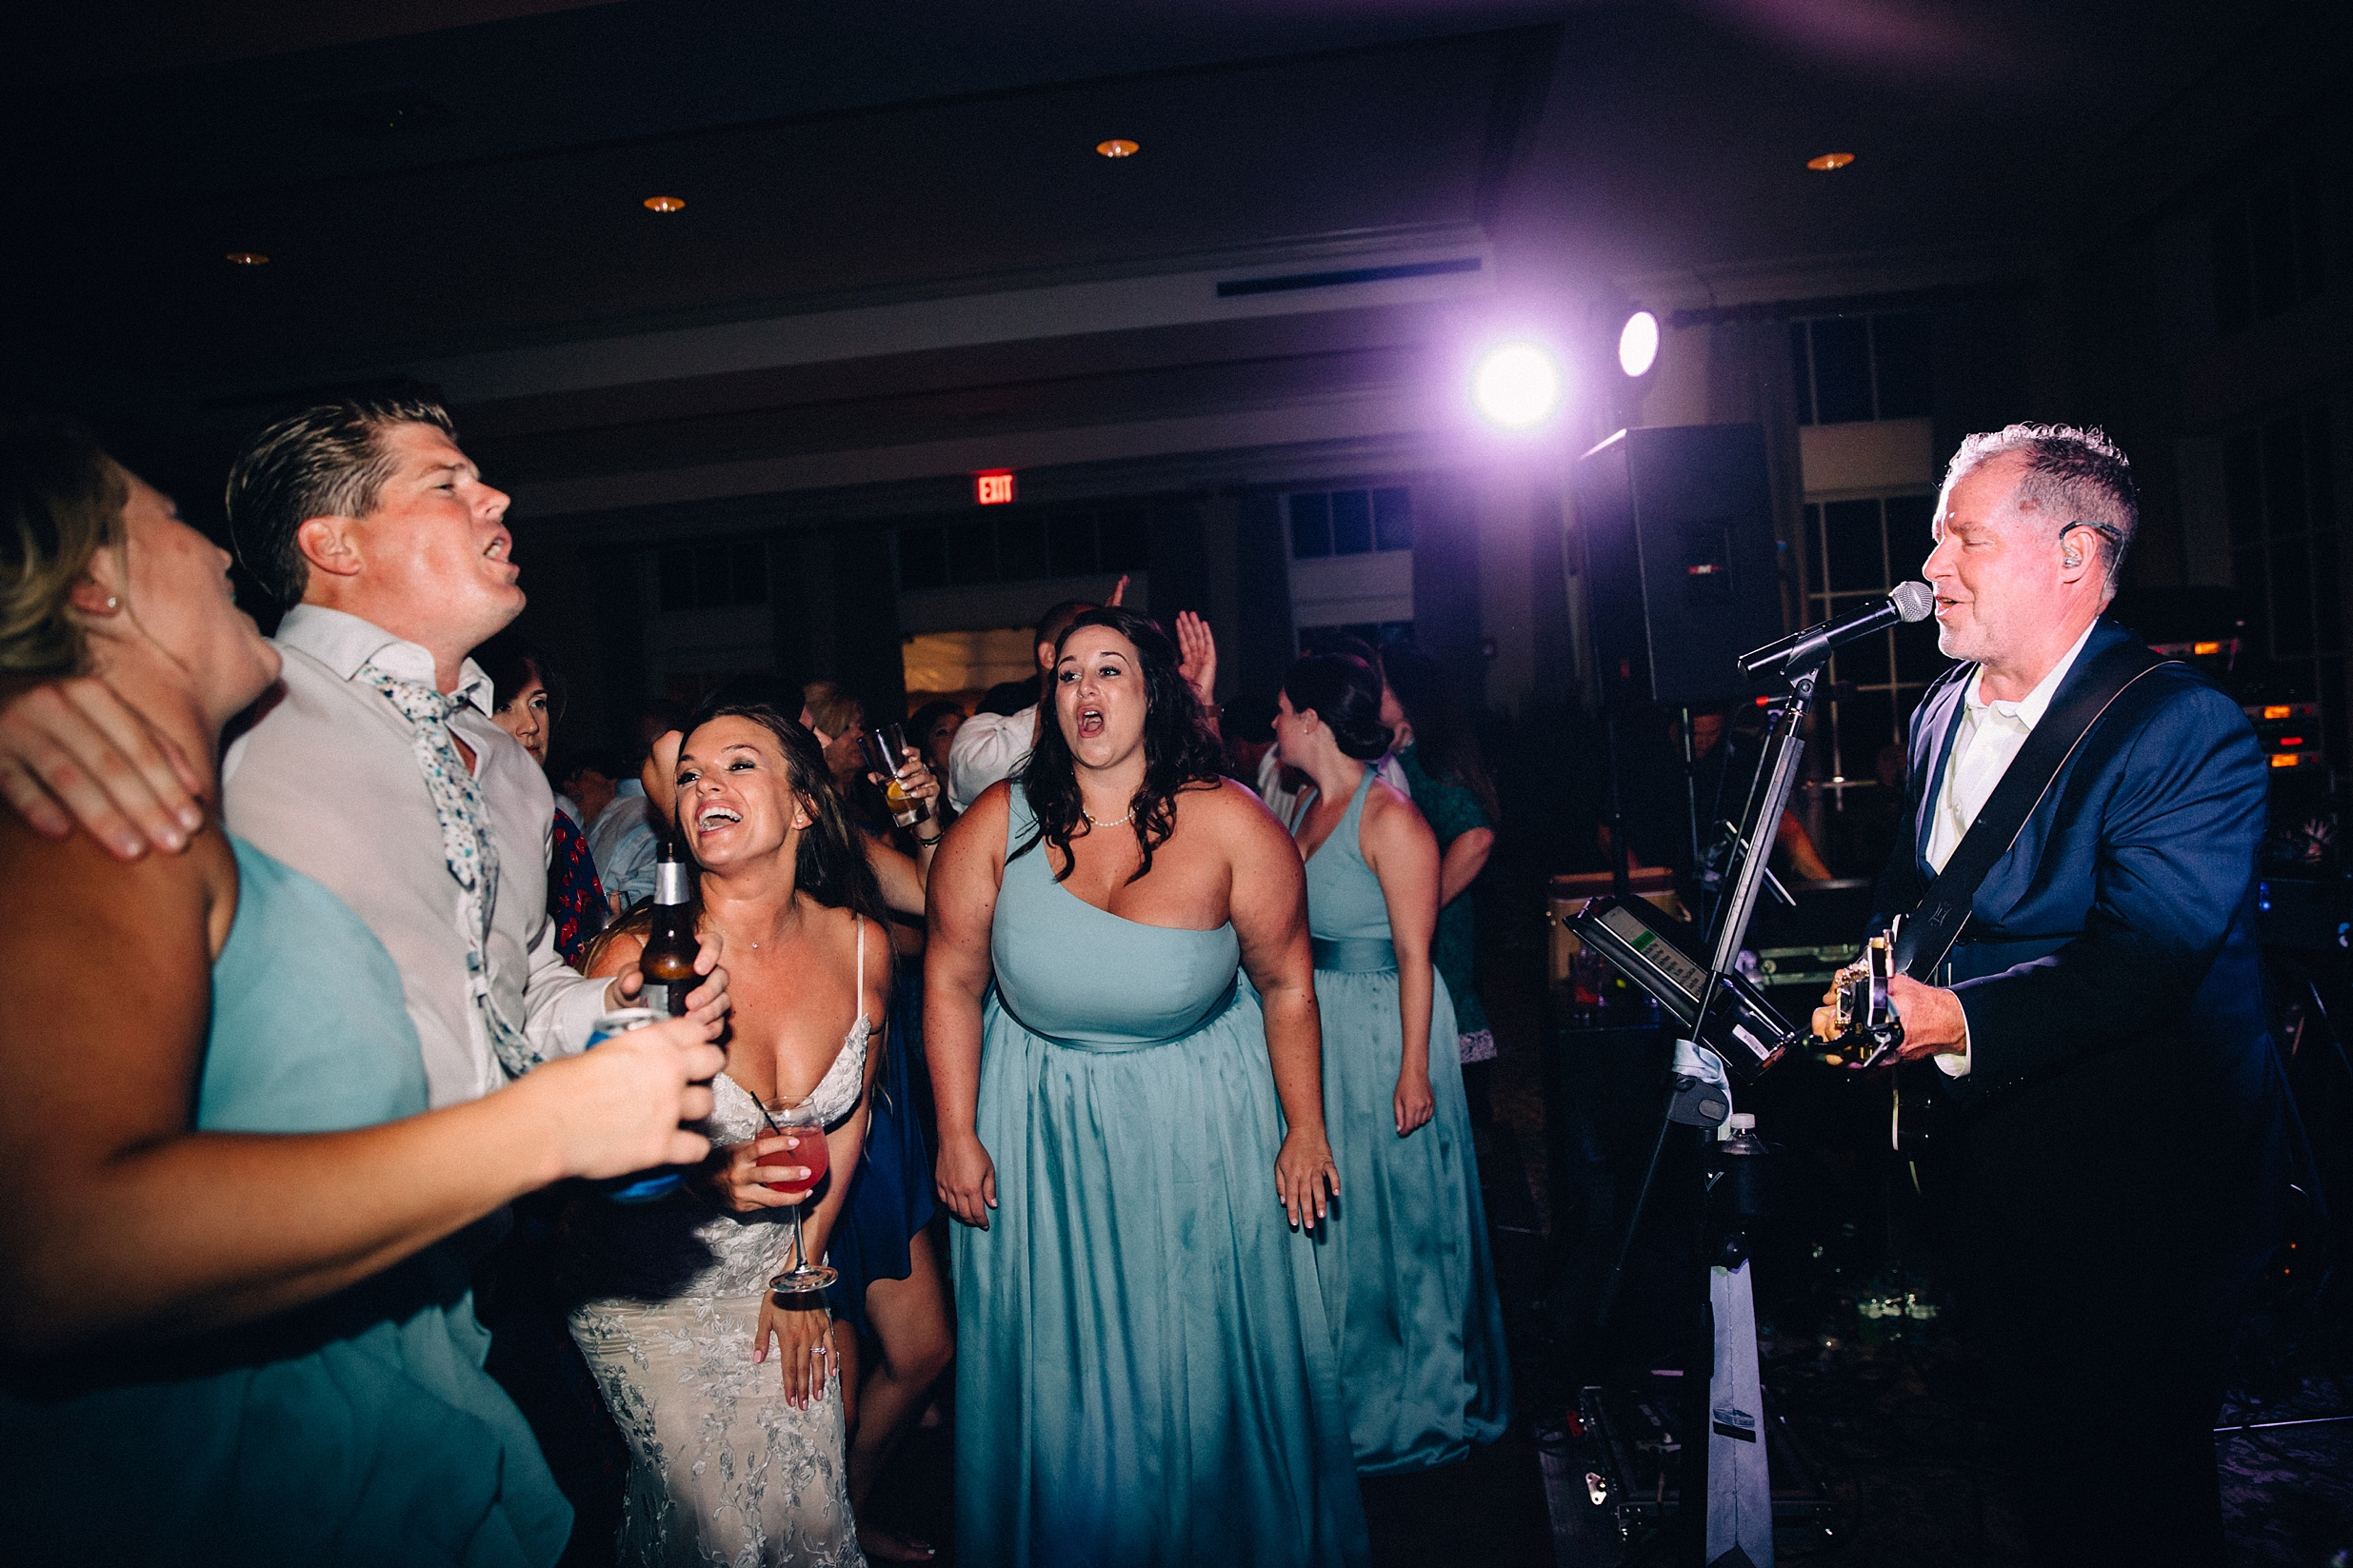 jersey-outdoor-ceremony-wedding-navasink-monmouth-rumson_0076.jpg